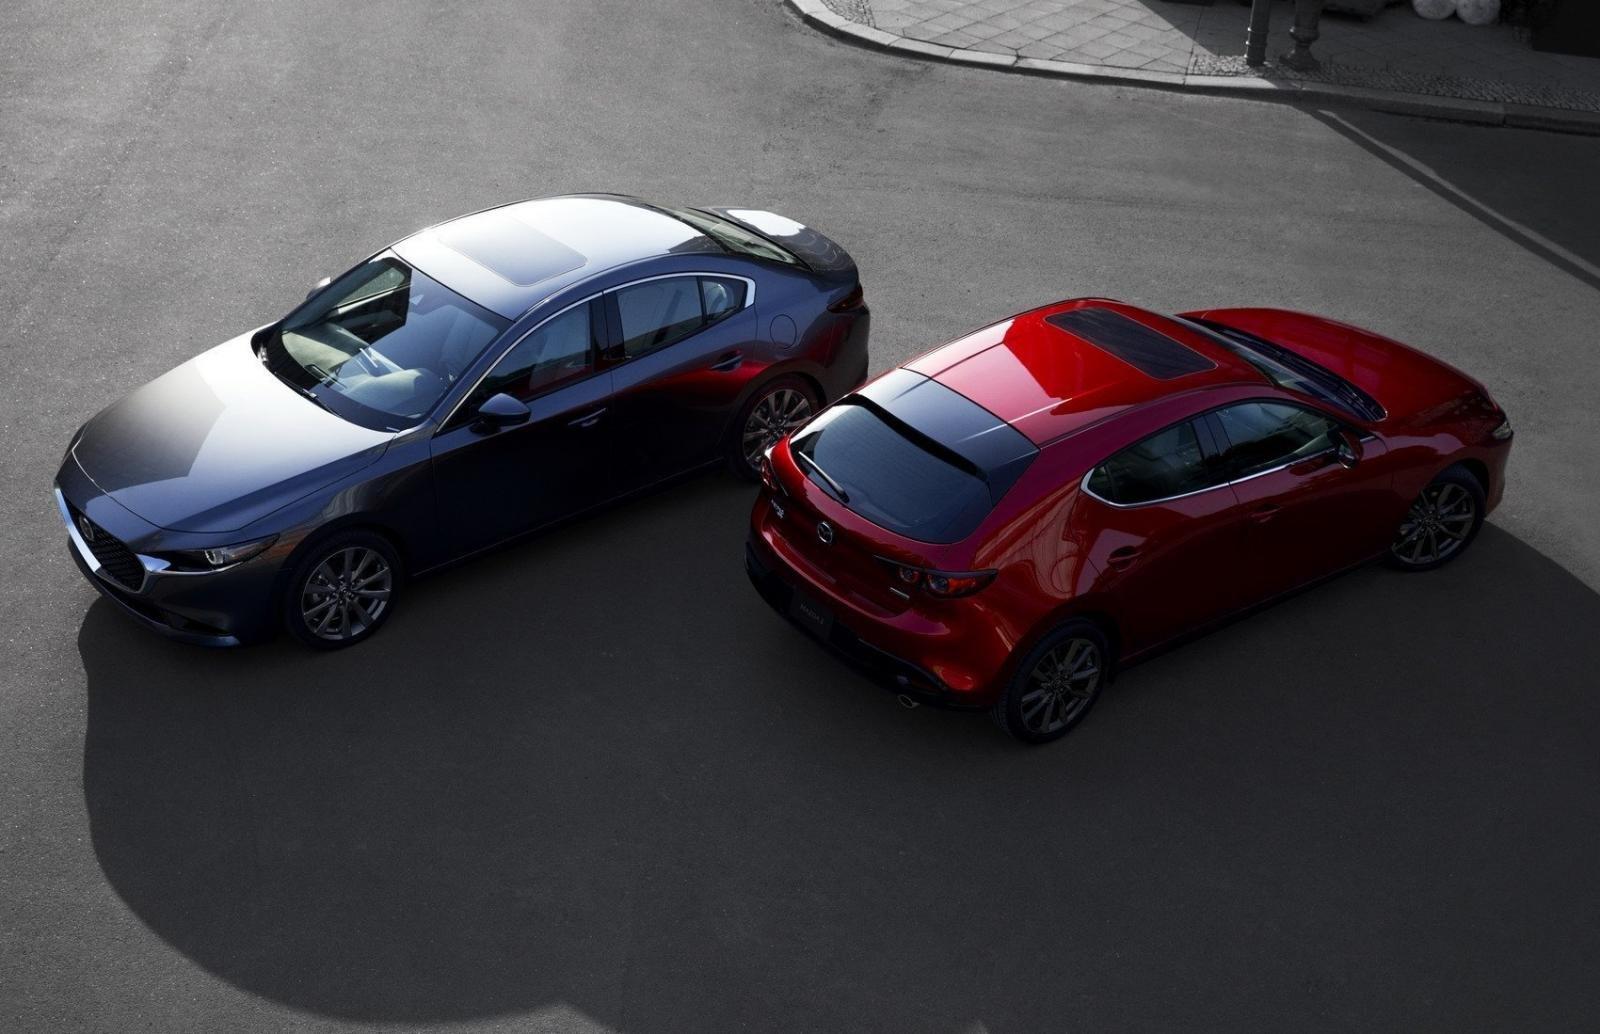 Mazda 3 2019 thế hệ thứ 4 được kỳ vọng sẽ mở ra kỷ nguyên mới cho thương hiệu.